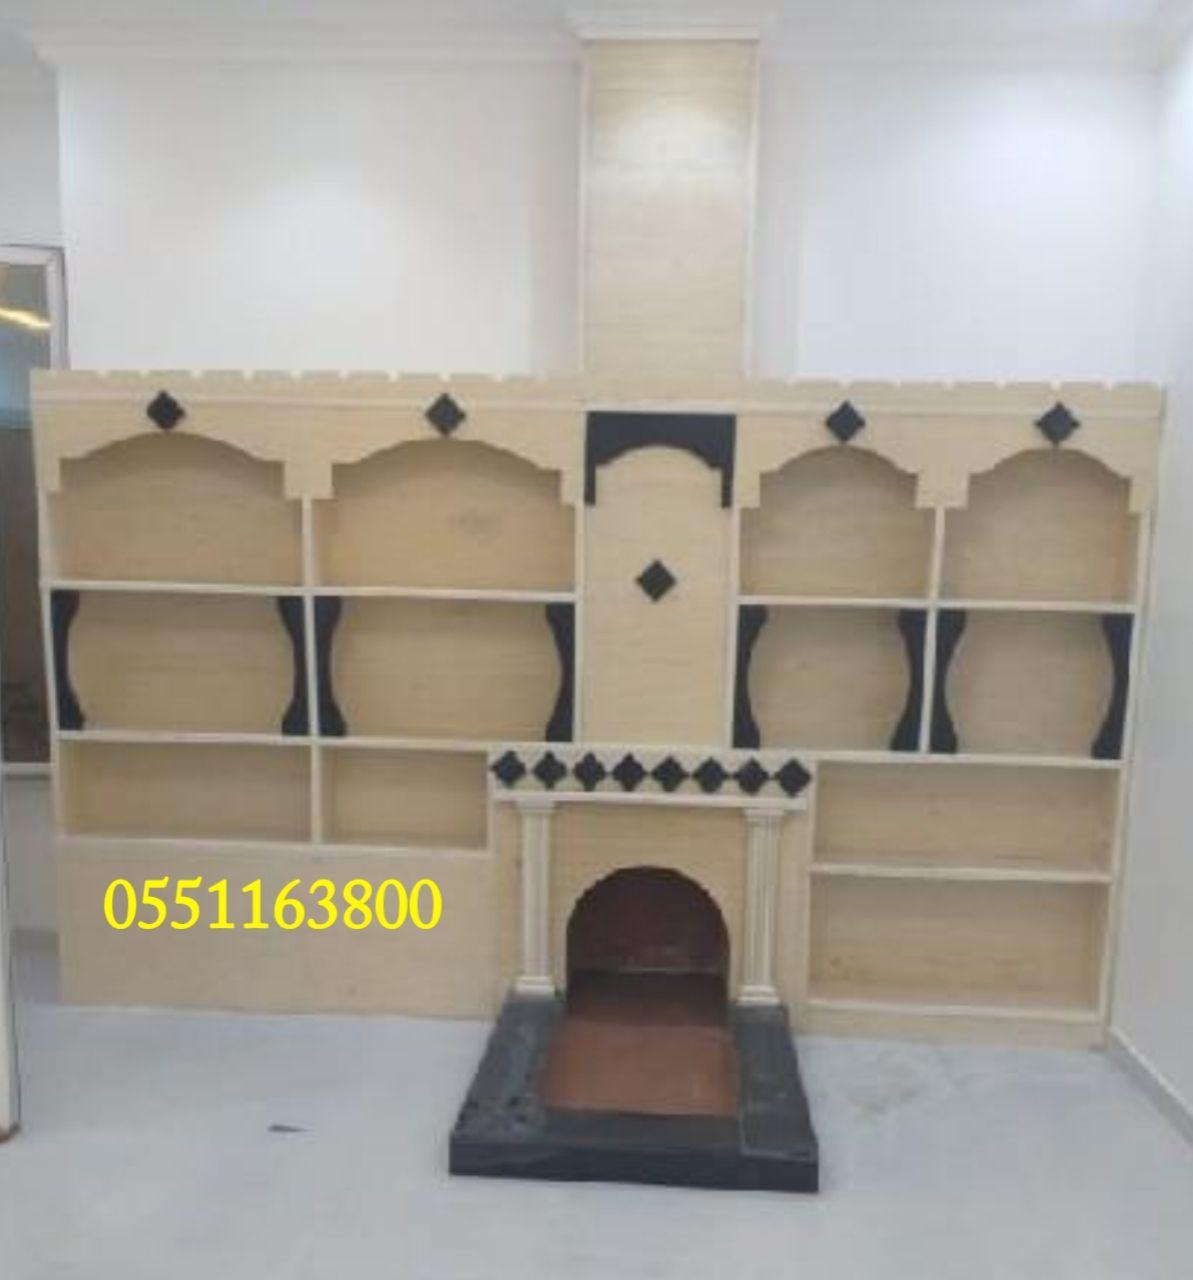 ديكورات مجالس رجال مشبات Home Decor Decor Shelves